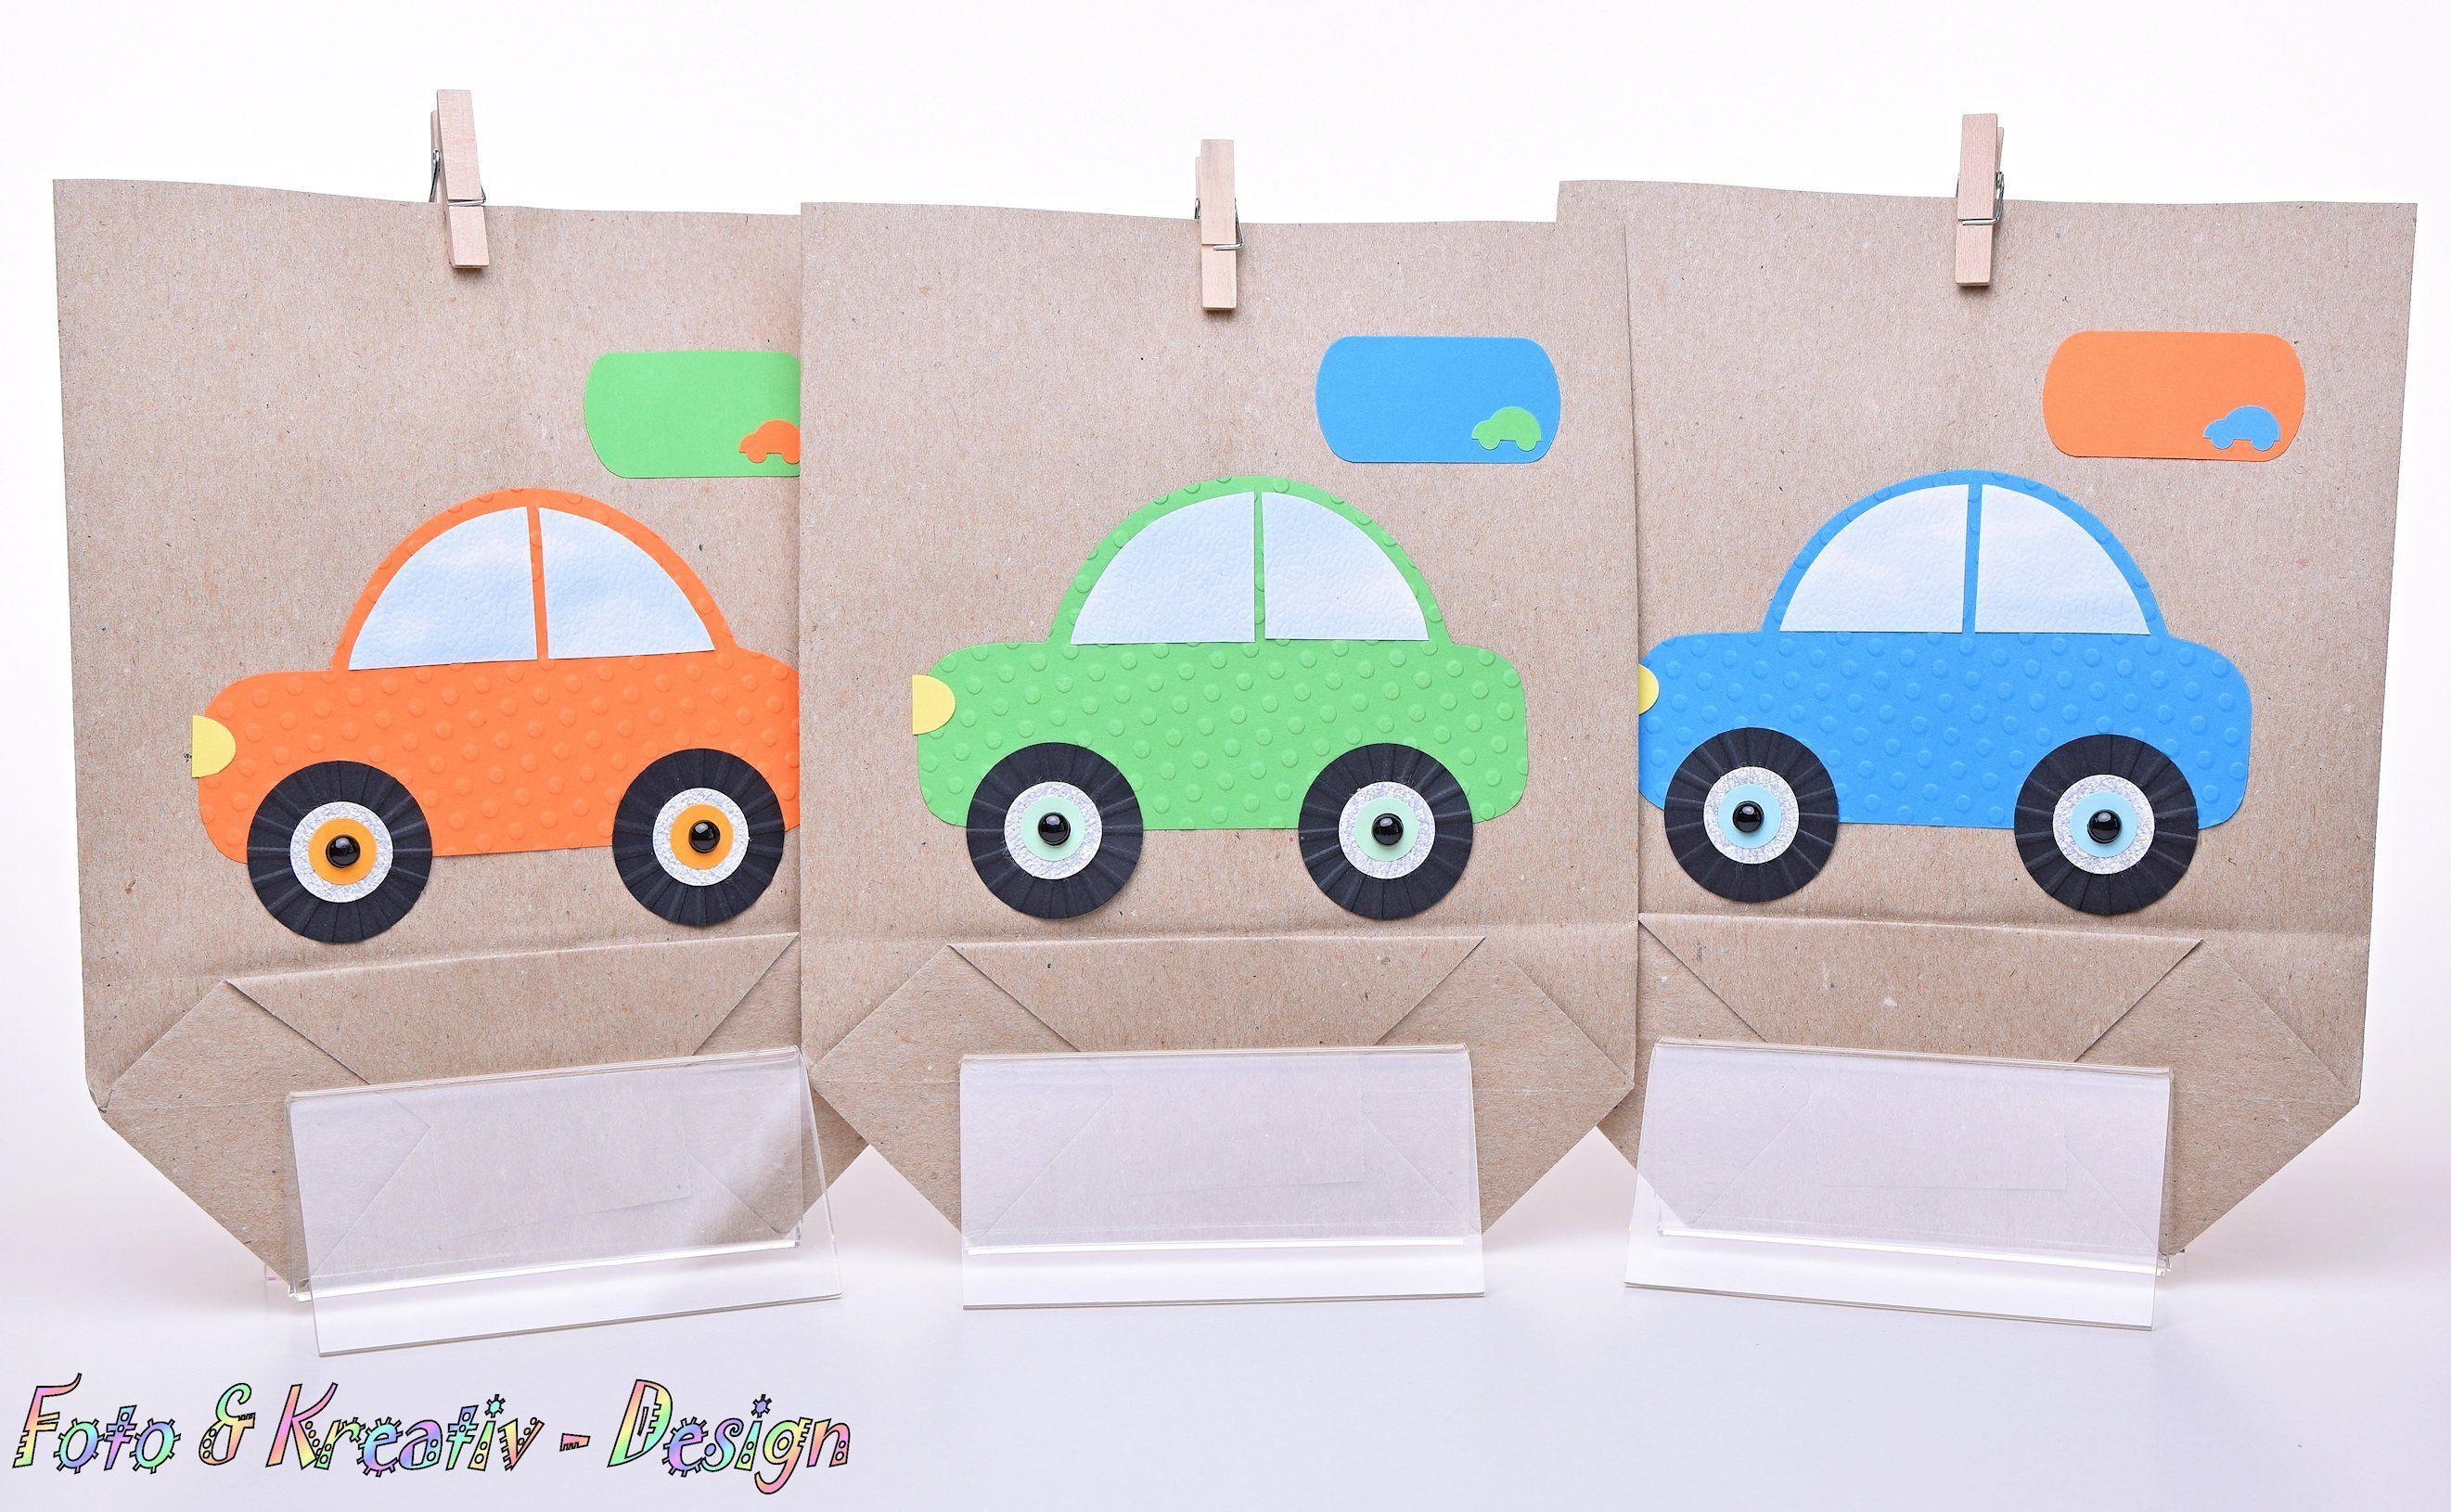 Großhandel & Sonderposten Spielzeug & Modellbau (Posten) 12 x Auto Rennauto mit Rückzug Giveaway Kinder Geburtstag Mitgebsel Tombola